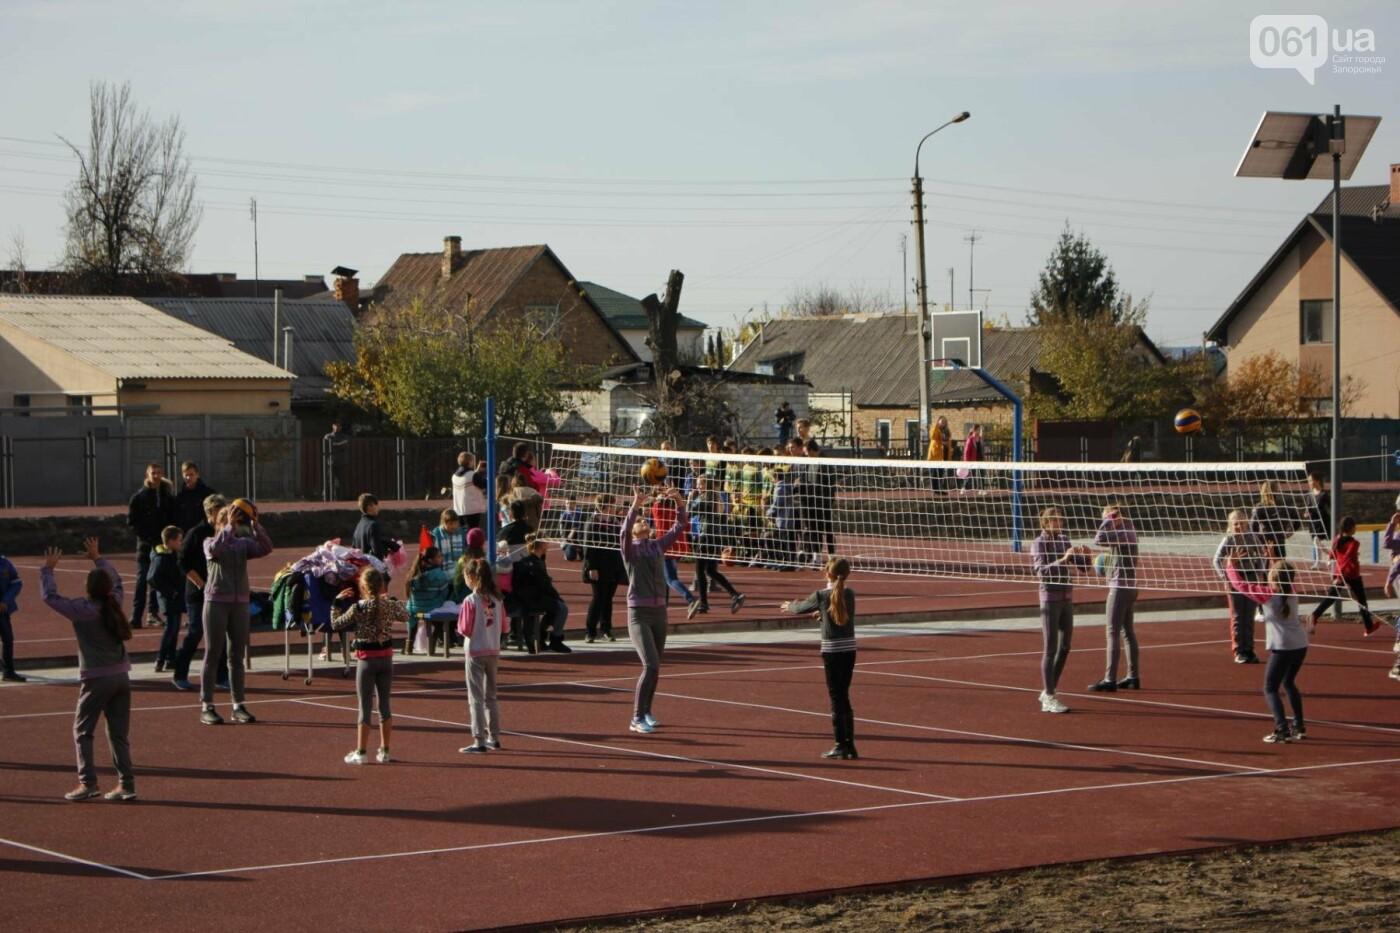 В Бородинском микрорайоне открыли школьный стадион: как это выглядит, - ФОТОРЕПОРТАЖ, фото-19